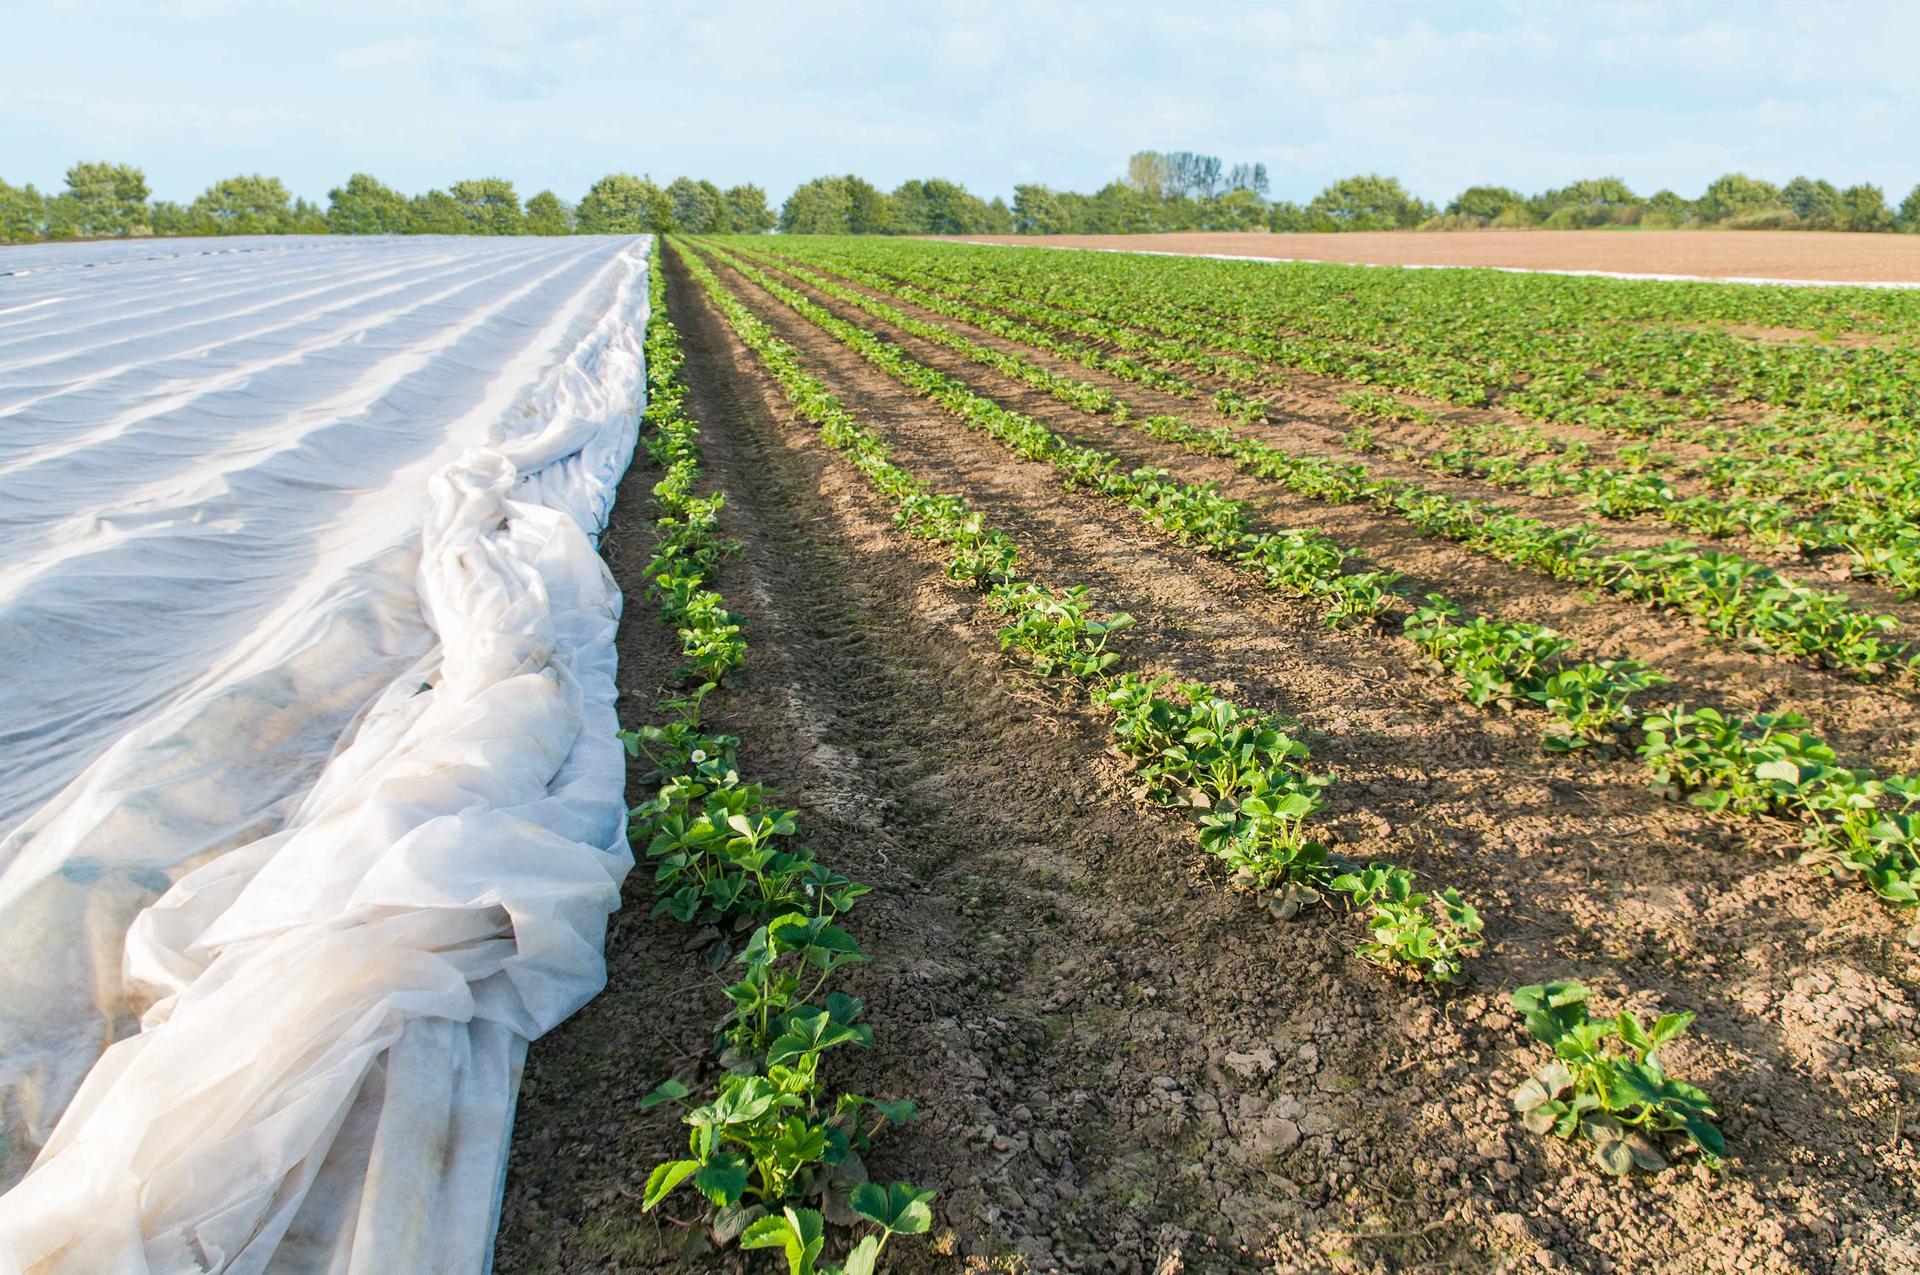 작물 보호에 사용되는 부직포에 내구성 강화에 특화된 바스프의 광안정제가 적용된다.